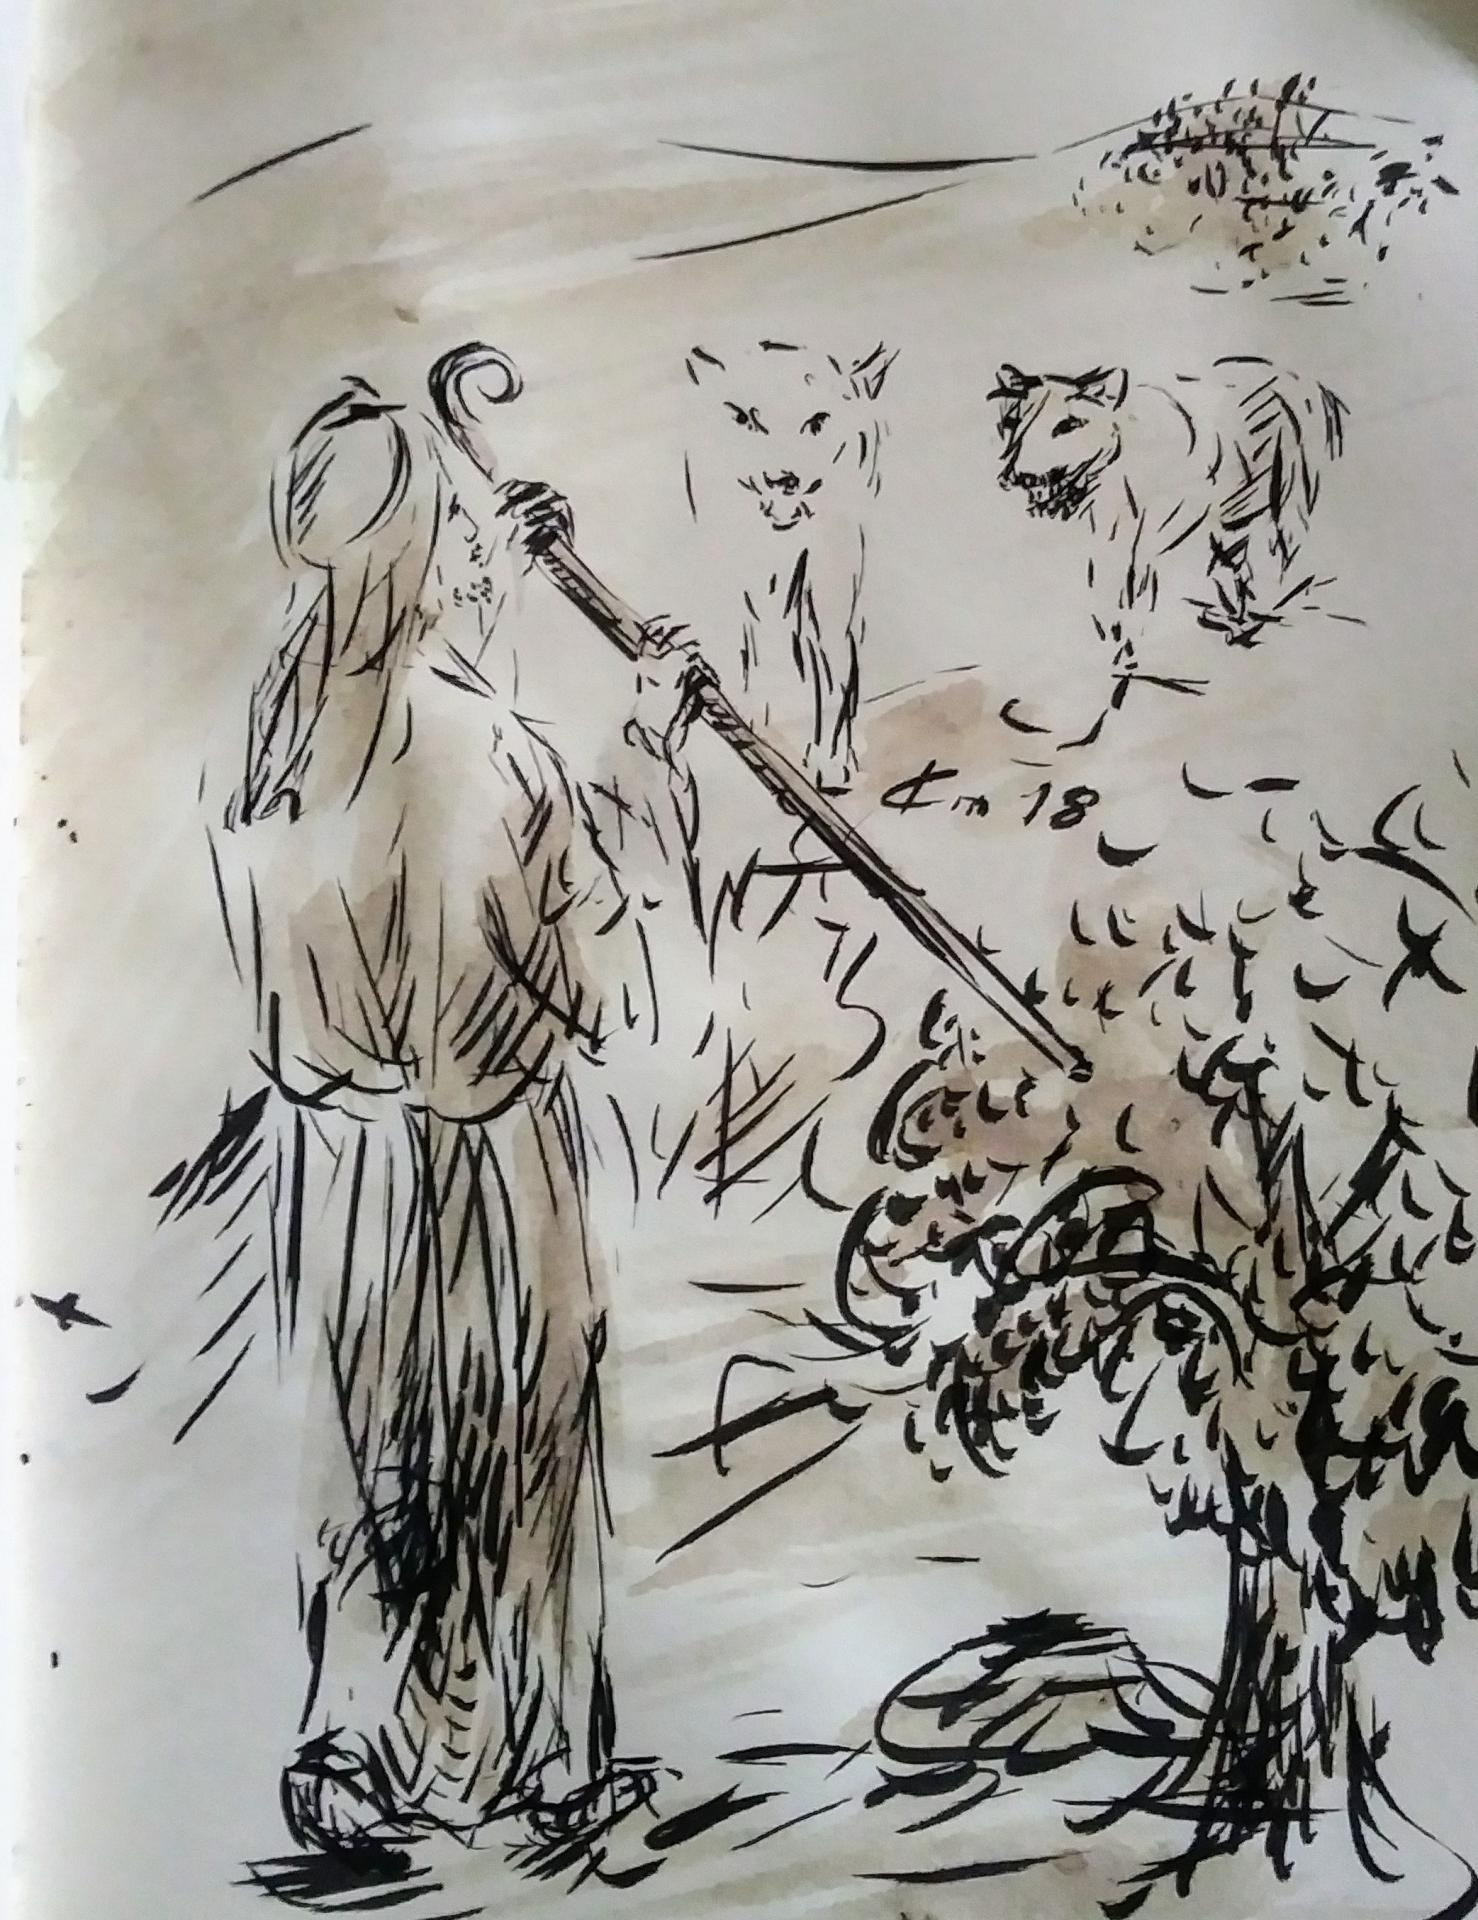 22 avril 2018 evangile du jour illustre par un dessin au lavis de jean joseph chevalier